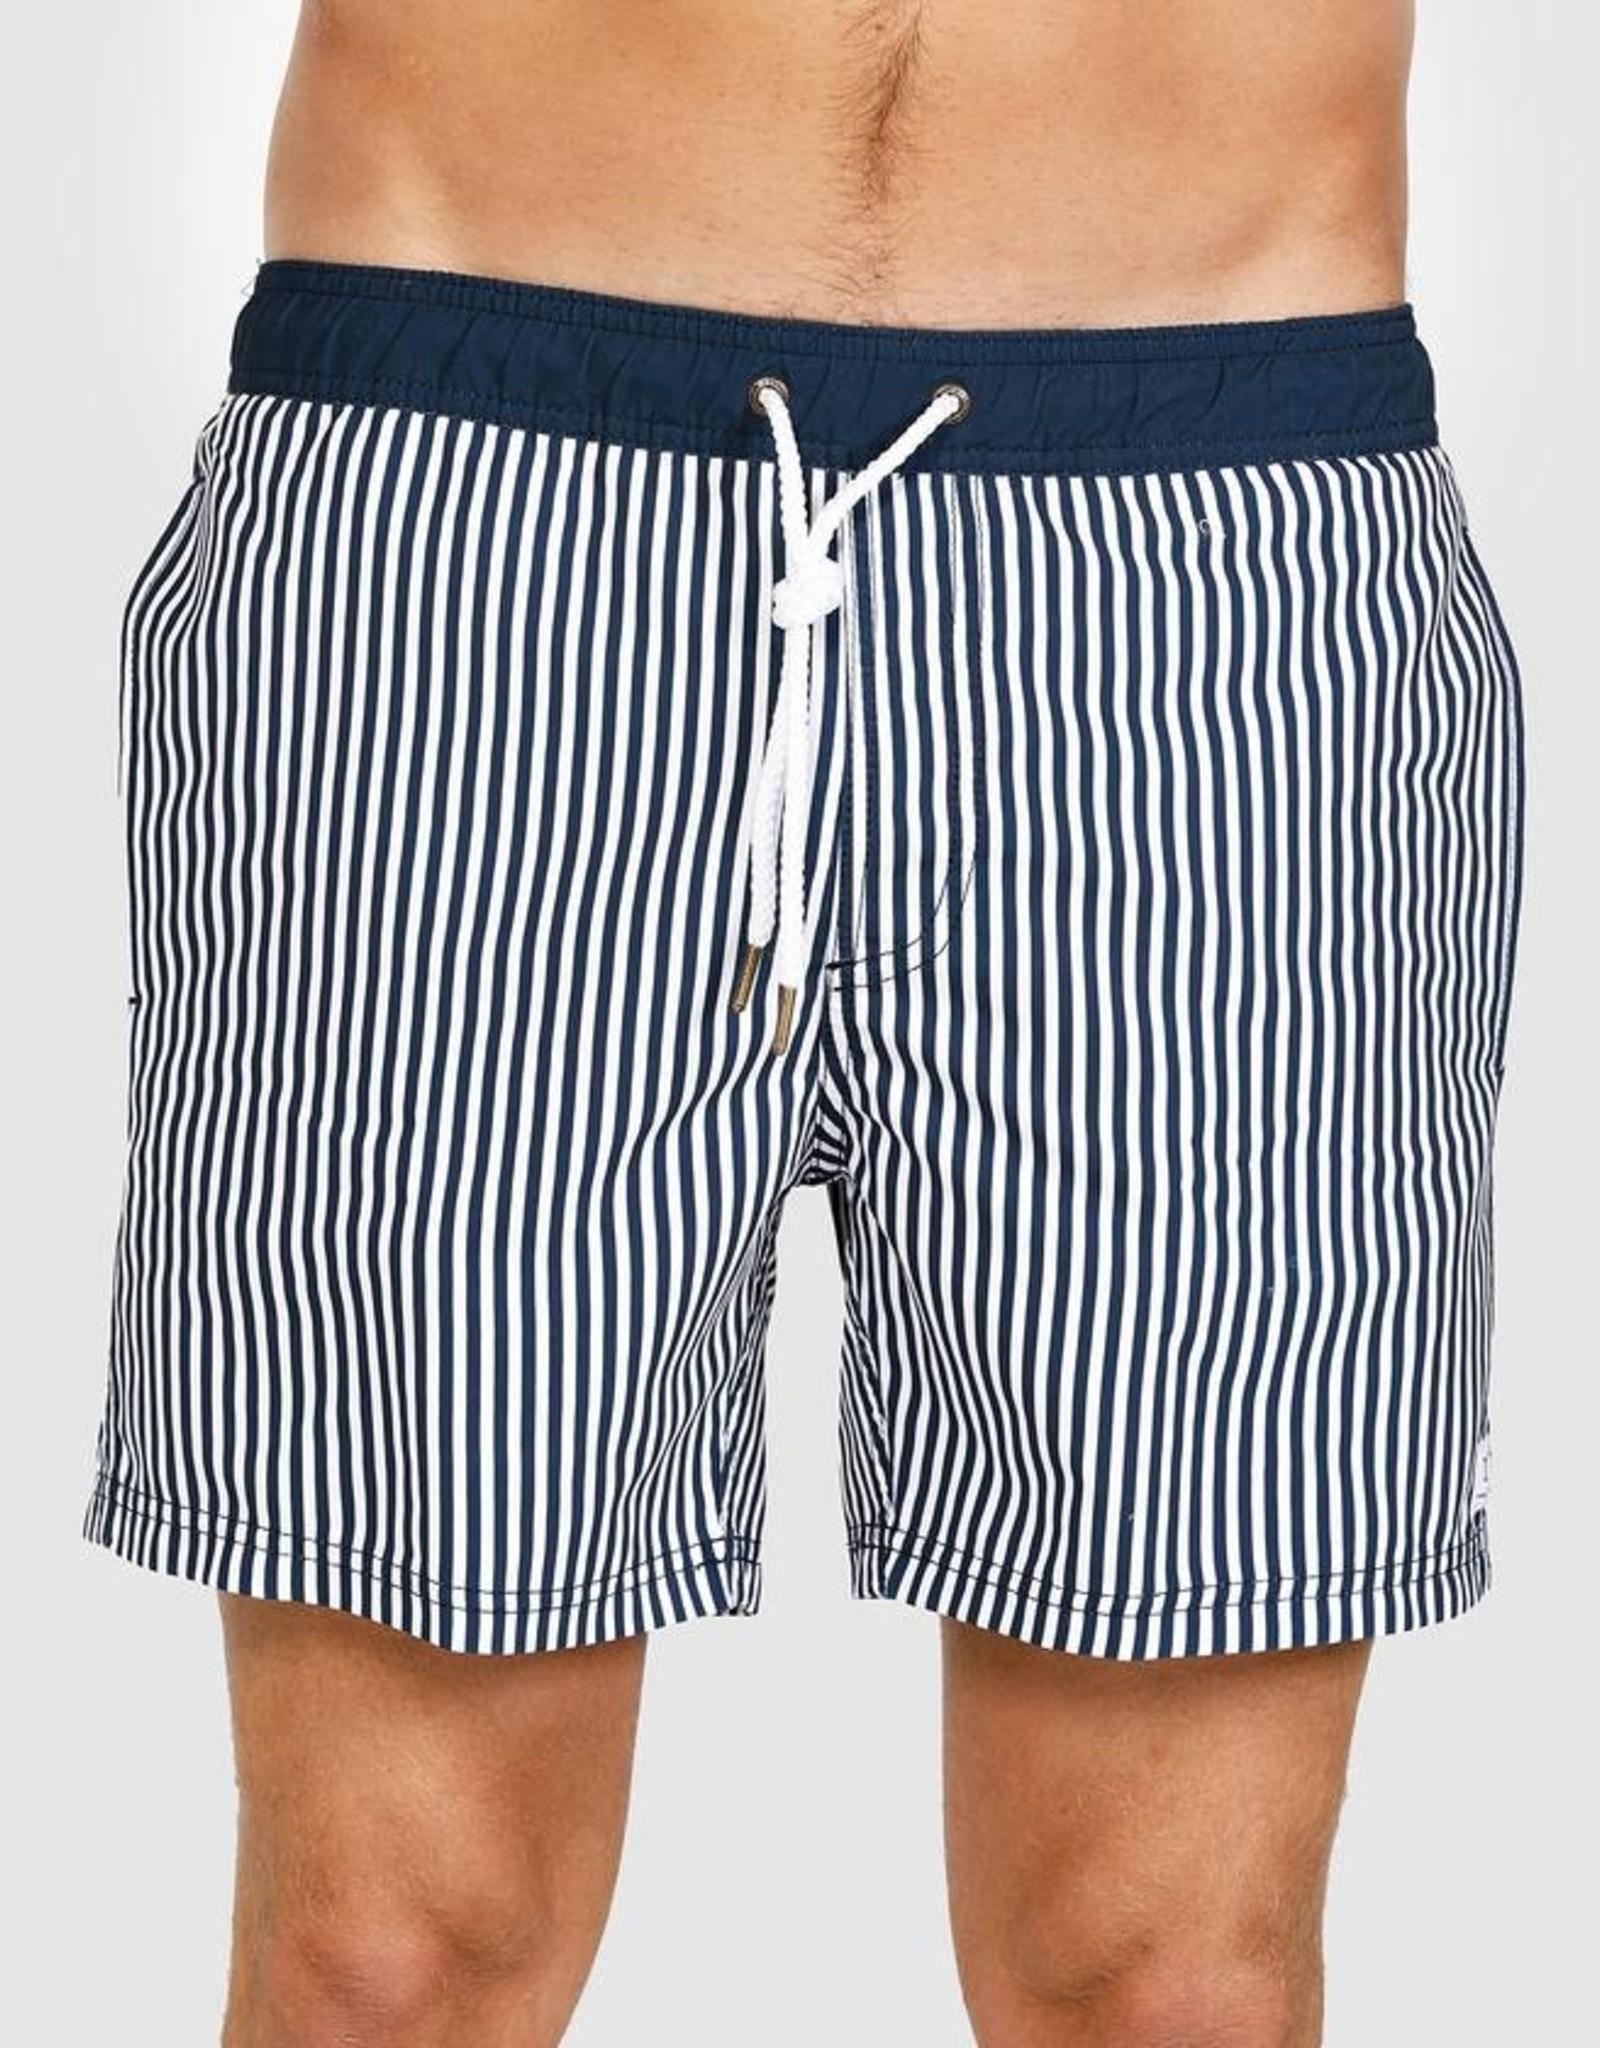 ORTC Manly Swim Short